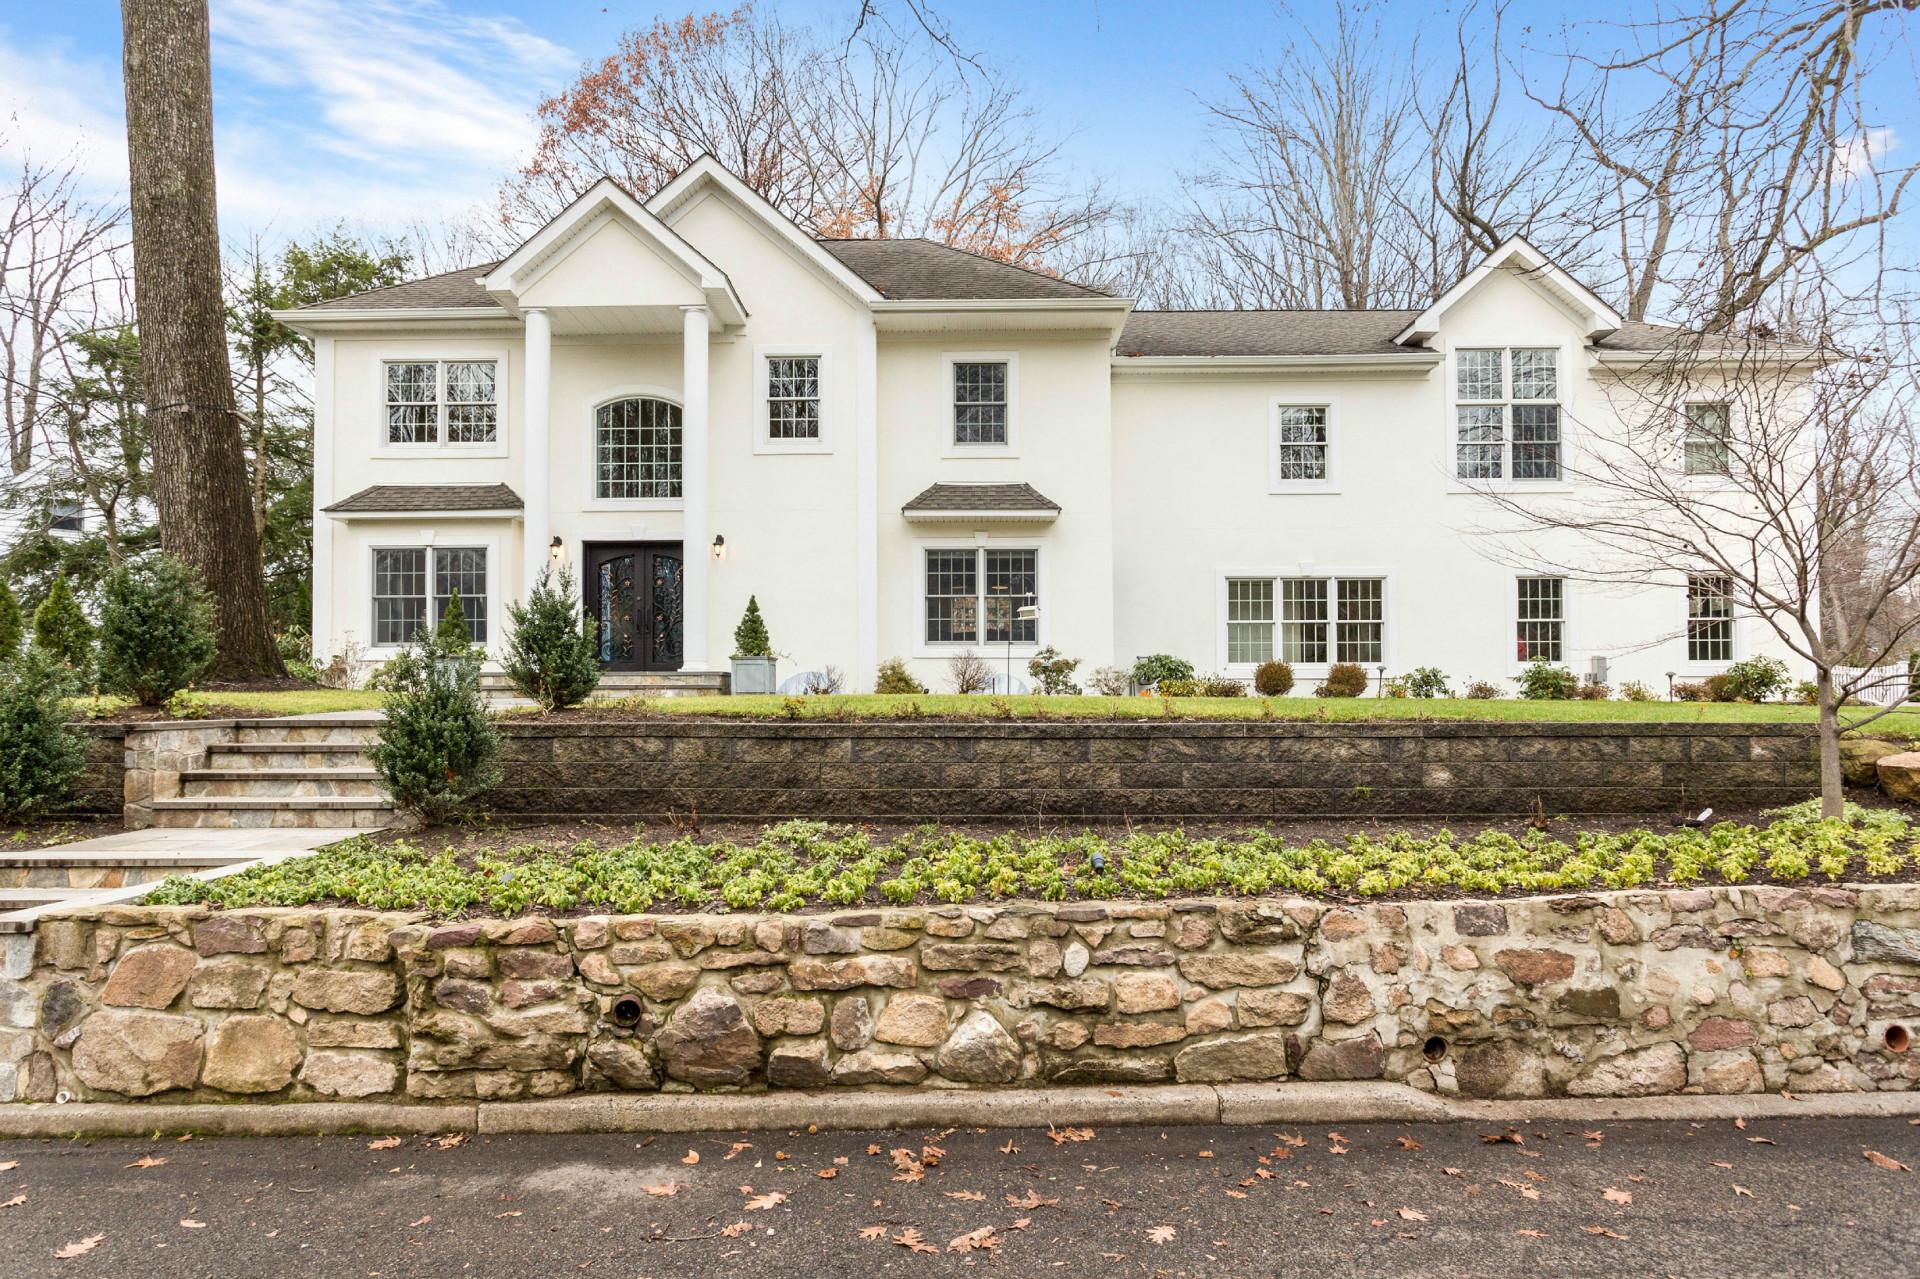 Maison unifamiliale pour l Vente à Majestically Set East Hill 21 Edgewood St Tenafly, New Jersey 07670 États-Unis